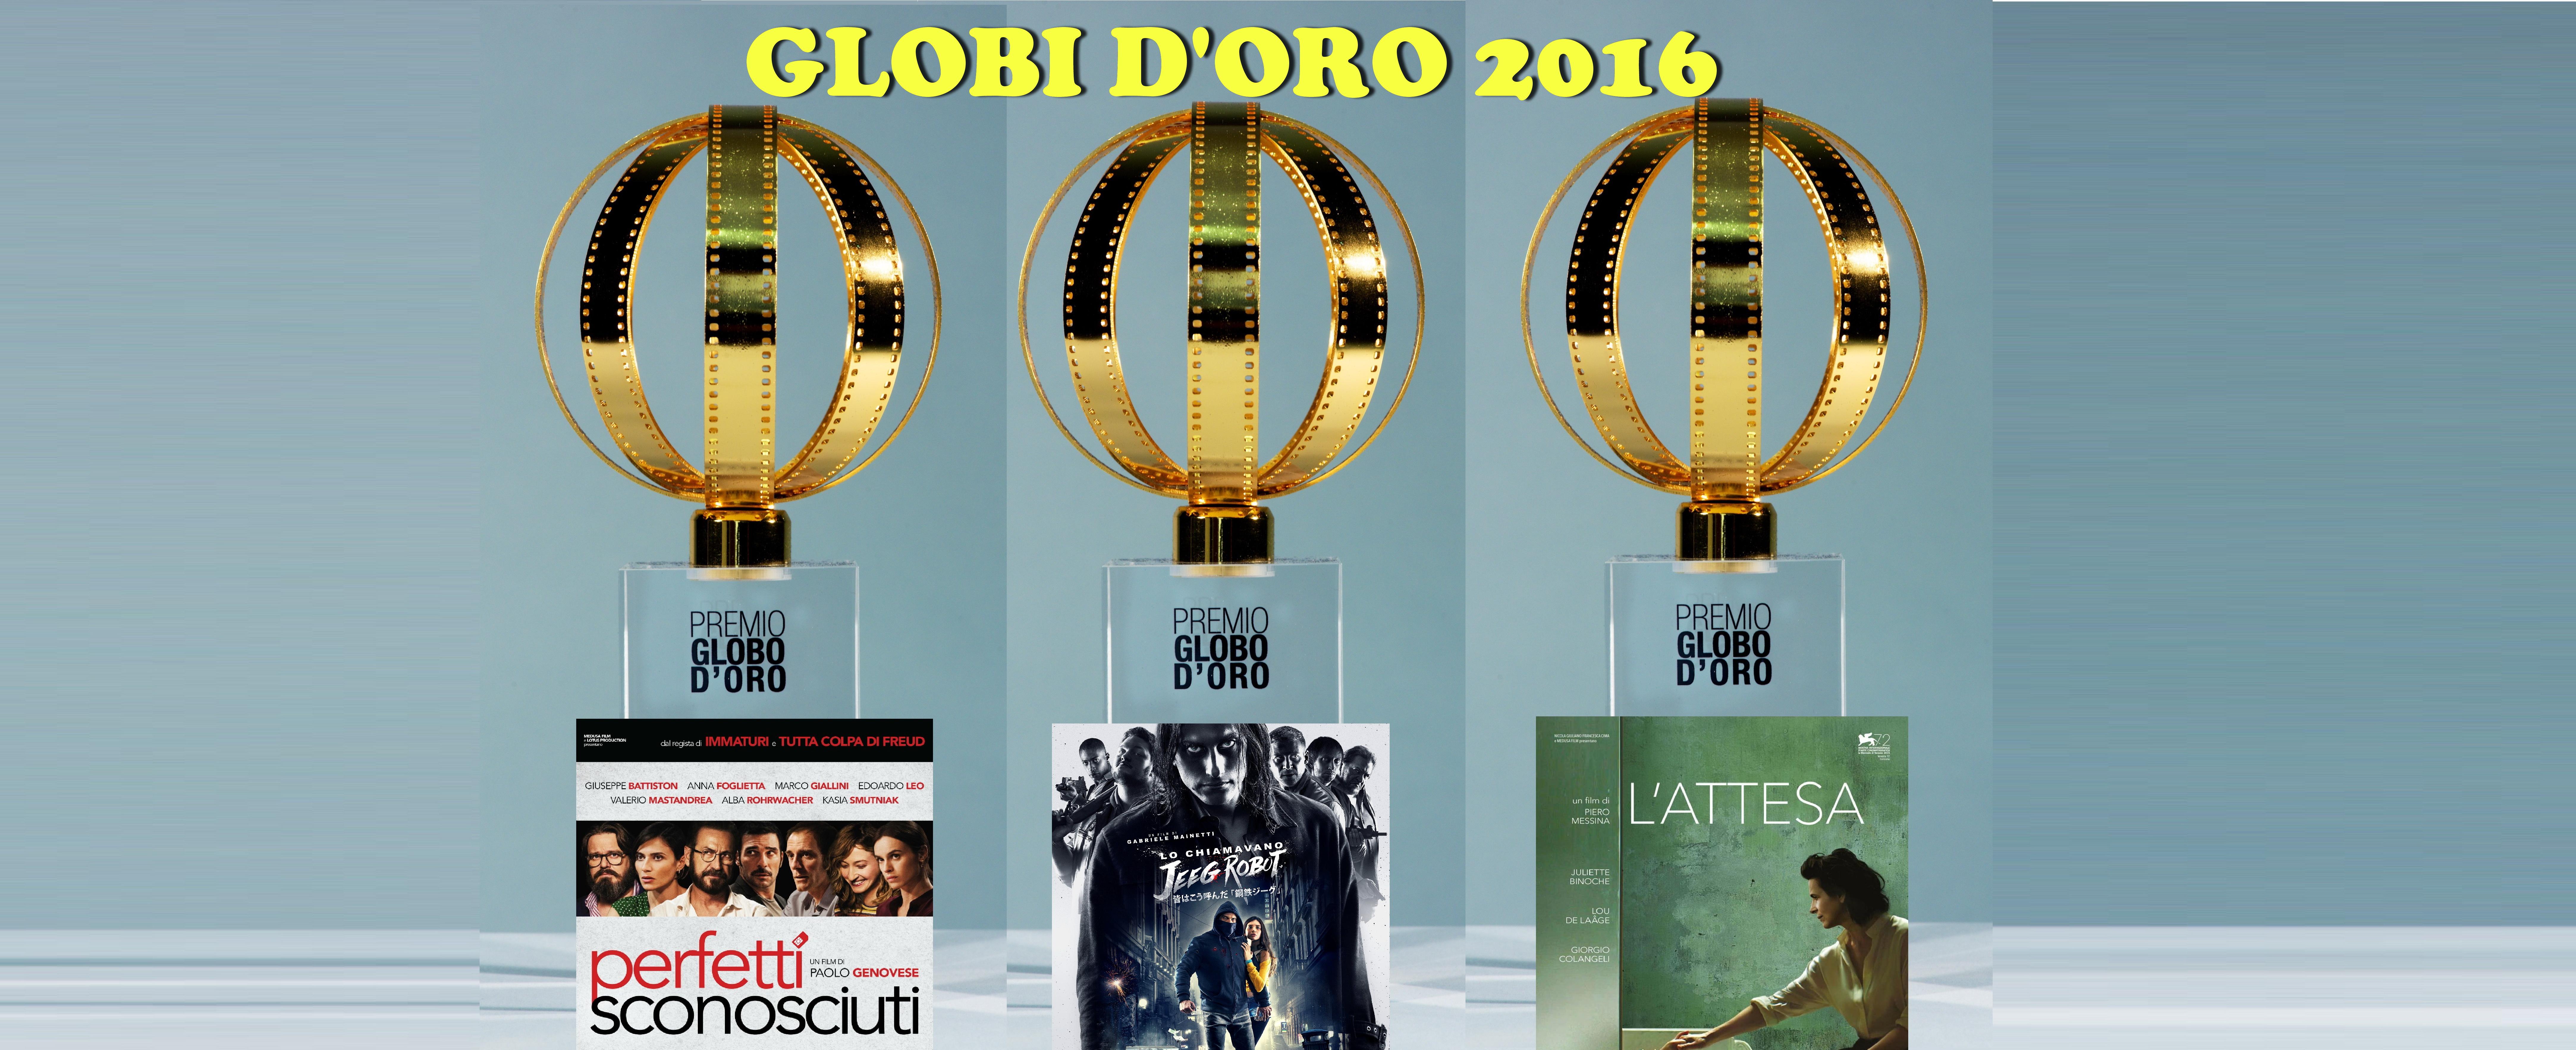 L'Associazione della Stampa Esteraha annunciatoi vincitori deiGlobi d'Oro 2016, i premi della Stampa Estera ai film italiani (o i Golden Globes italiani, se preferite), arrivati alla 56a edizione.I riconoscimenti saranno […]